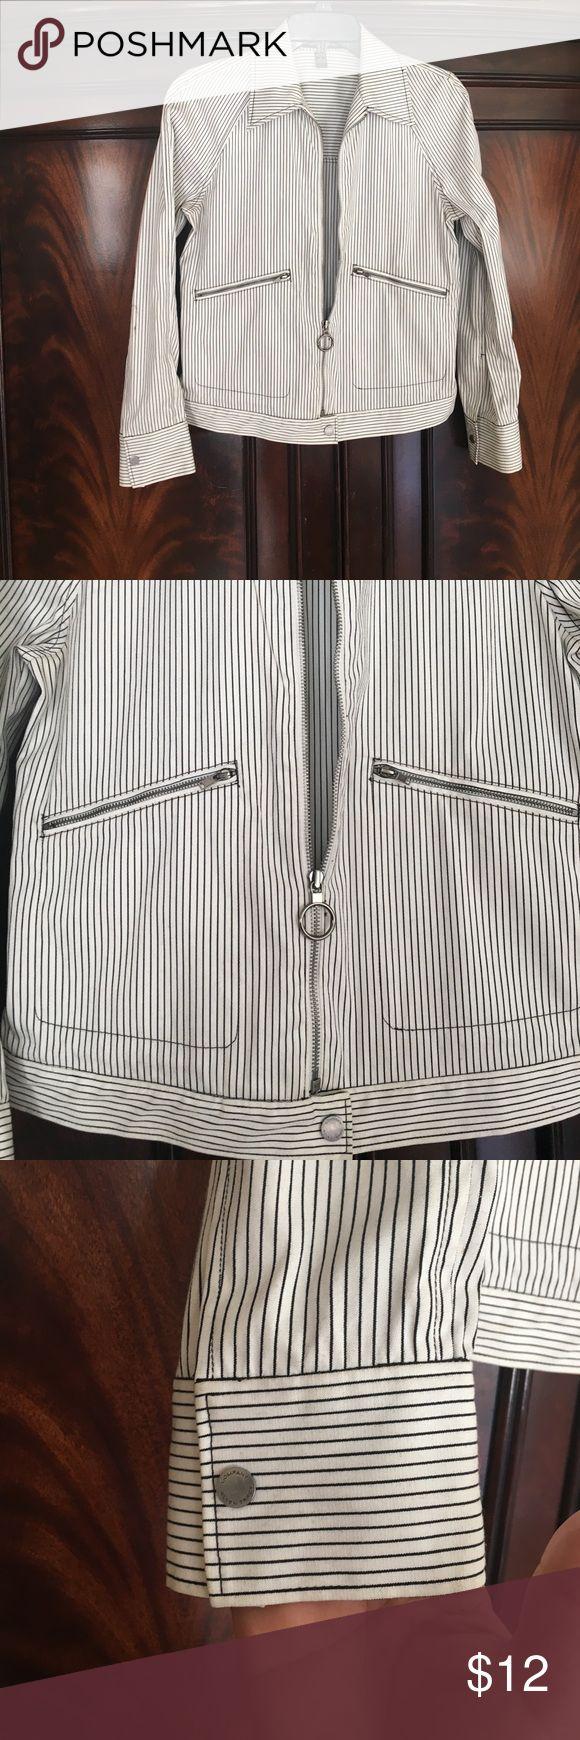 Ellen Tracy pinstripe jacket Pinstripe jacket by Ellen Tracy Company Ellen Tracy Jackets & Coats Blazers